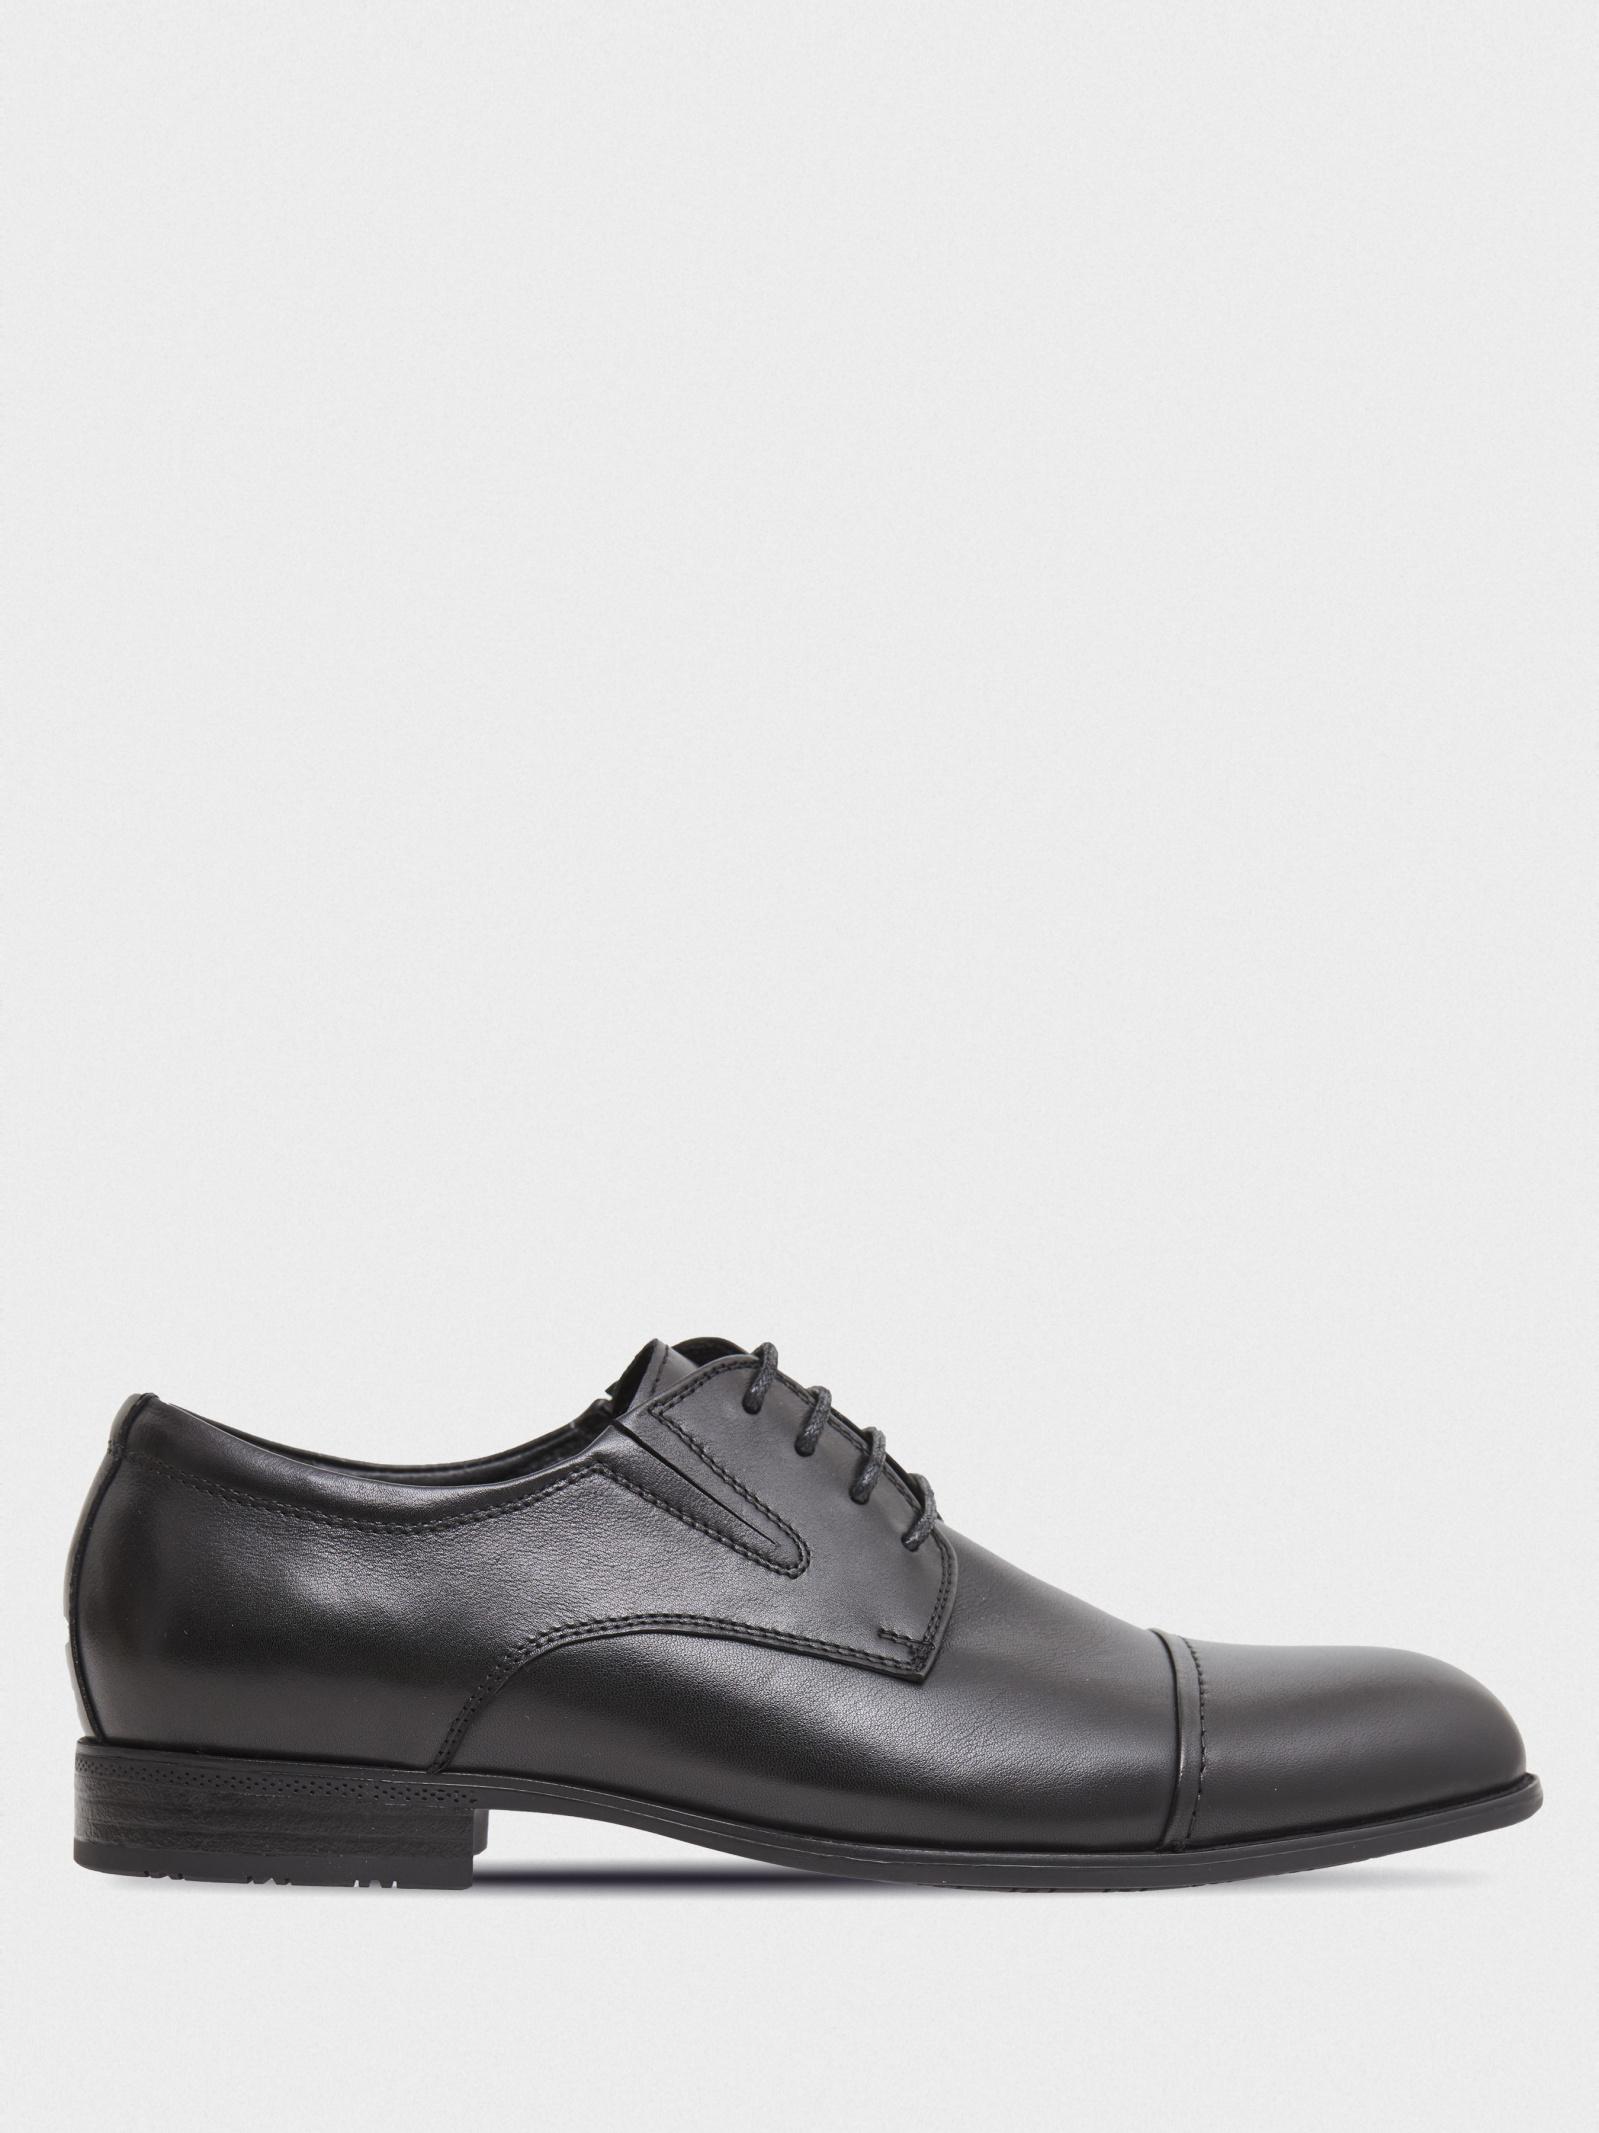 Туфли для мужчин Braska 224-1963/101 продажа, 2017